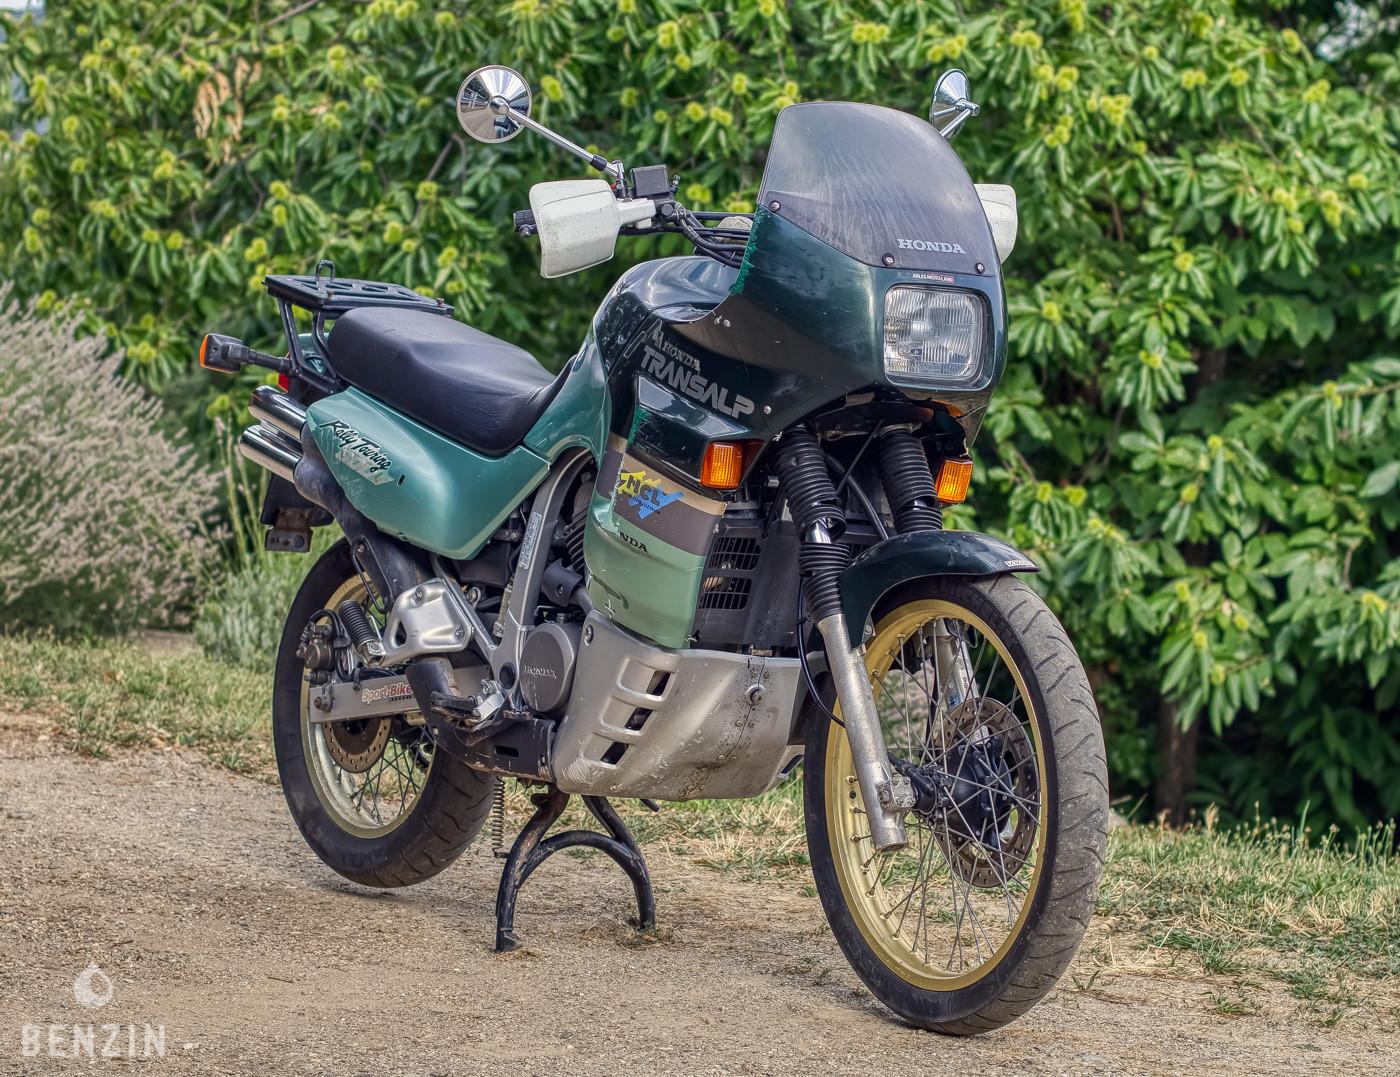 HONDA TRANSALP XL600V OCCASION - 1991